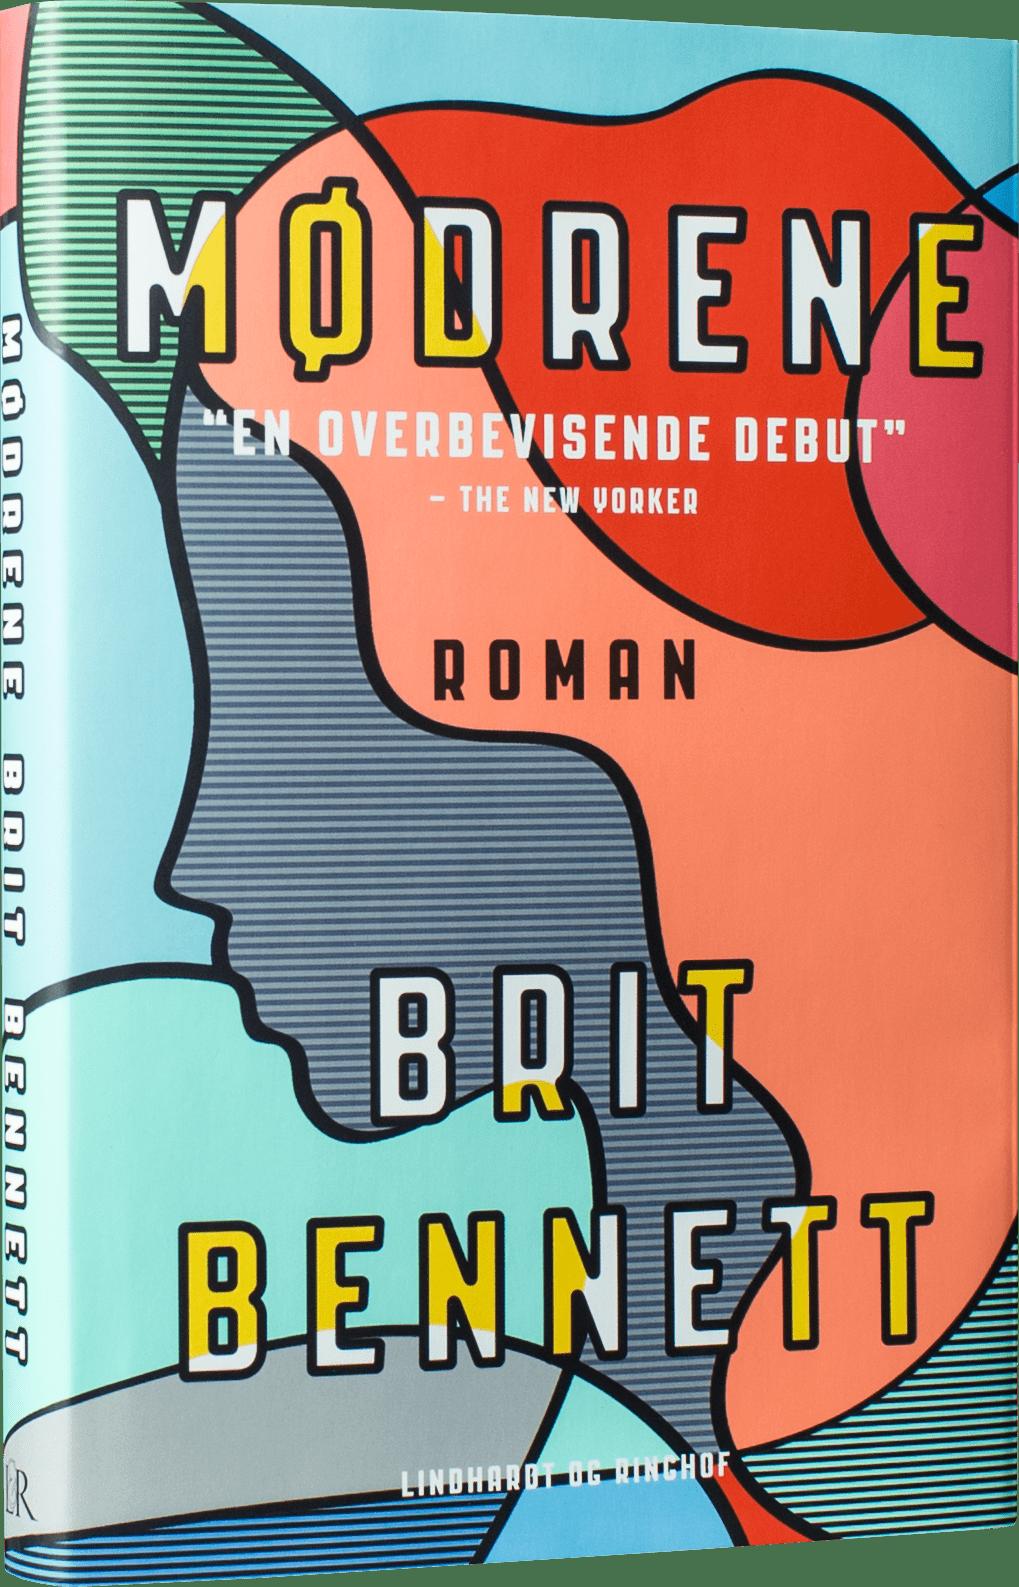 Mødrene, Brit Bennett, dannelsesroman